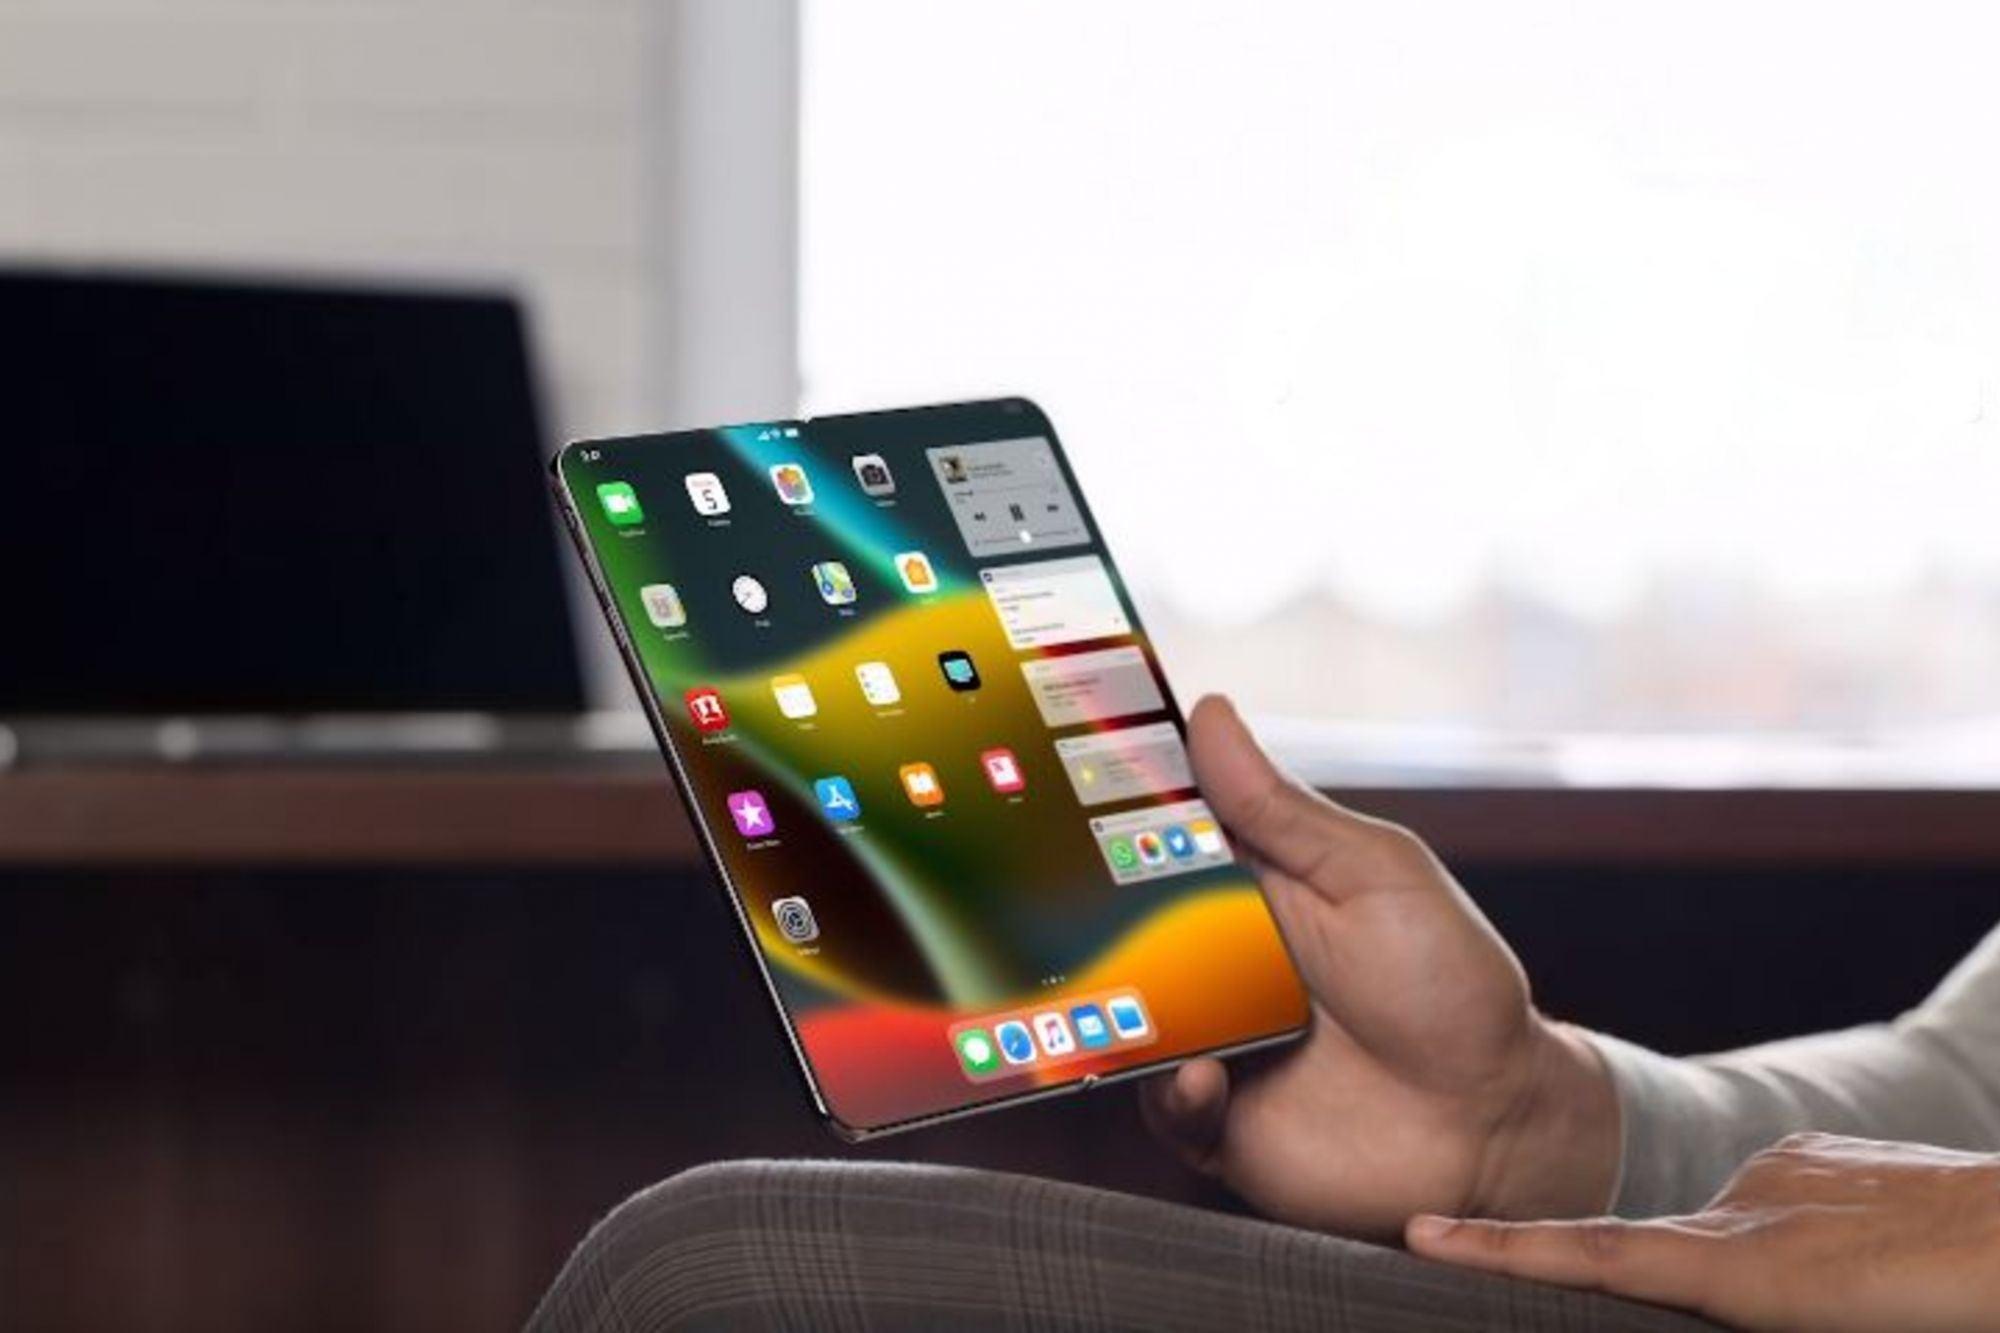 Первый складной iPhone выйдет предположительно в 2023 году. Он будет размером с iPad Mini